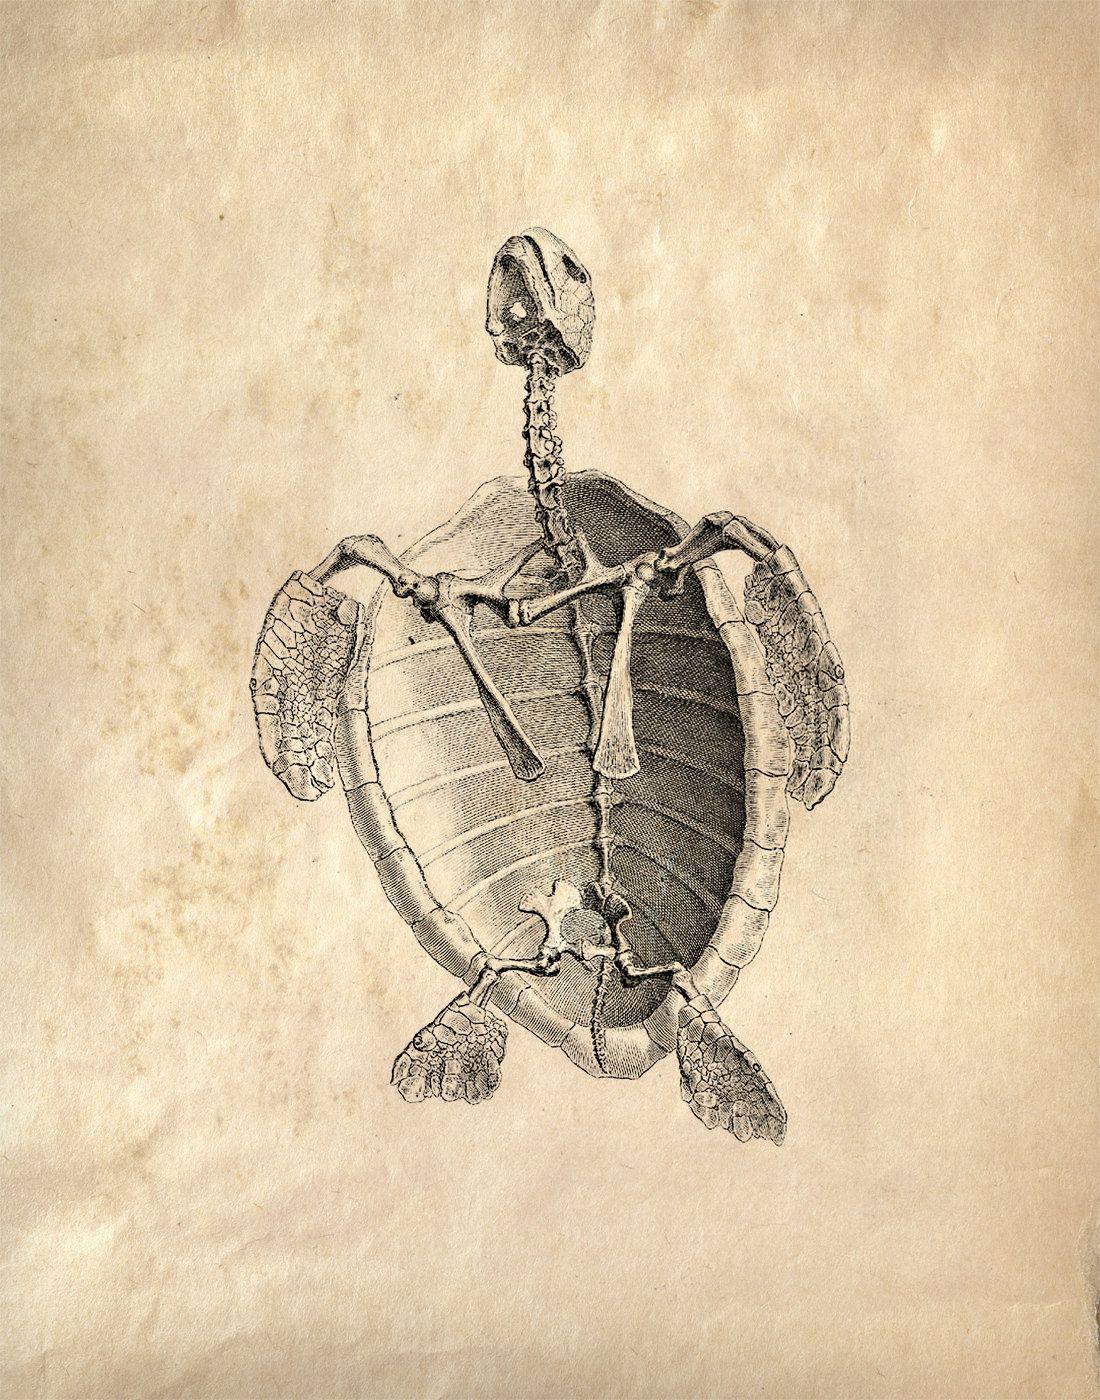 Pin de Alda A. en Huesos | Pinterest | Tortugas, Huesos y Animales